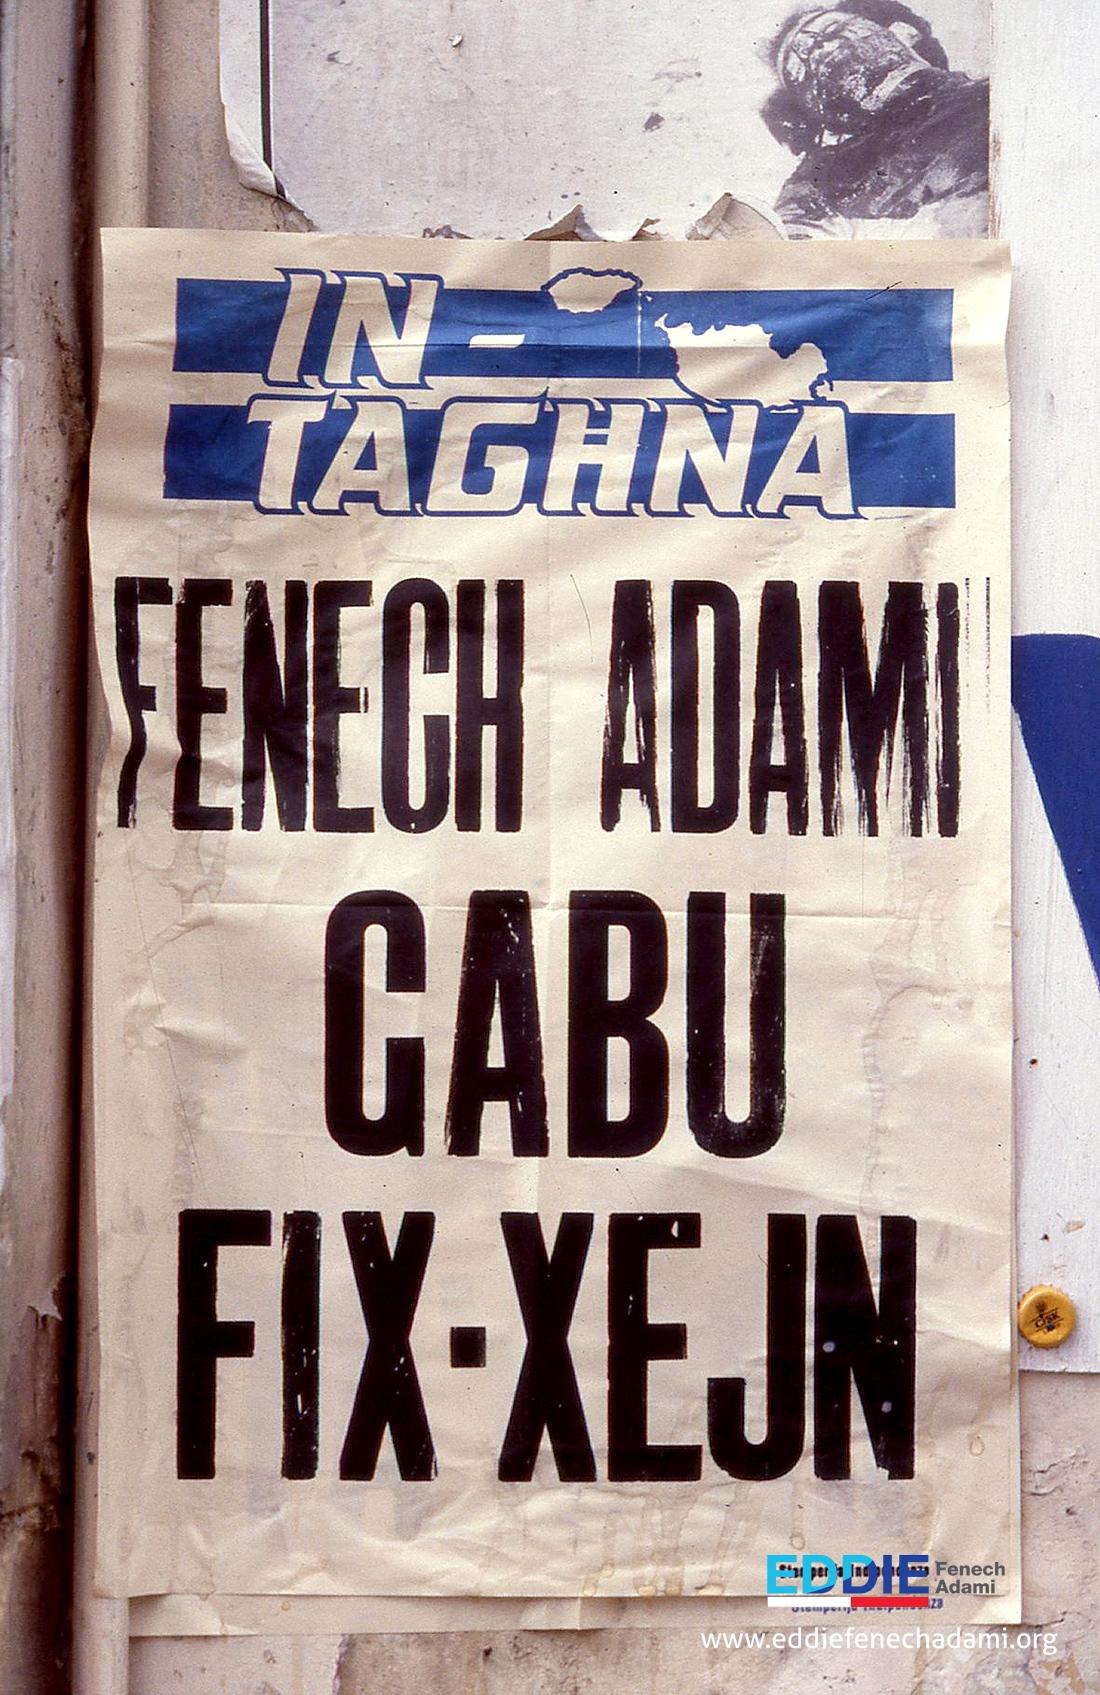 www.eddiefenechadami.org0102